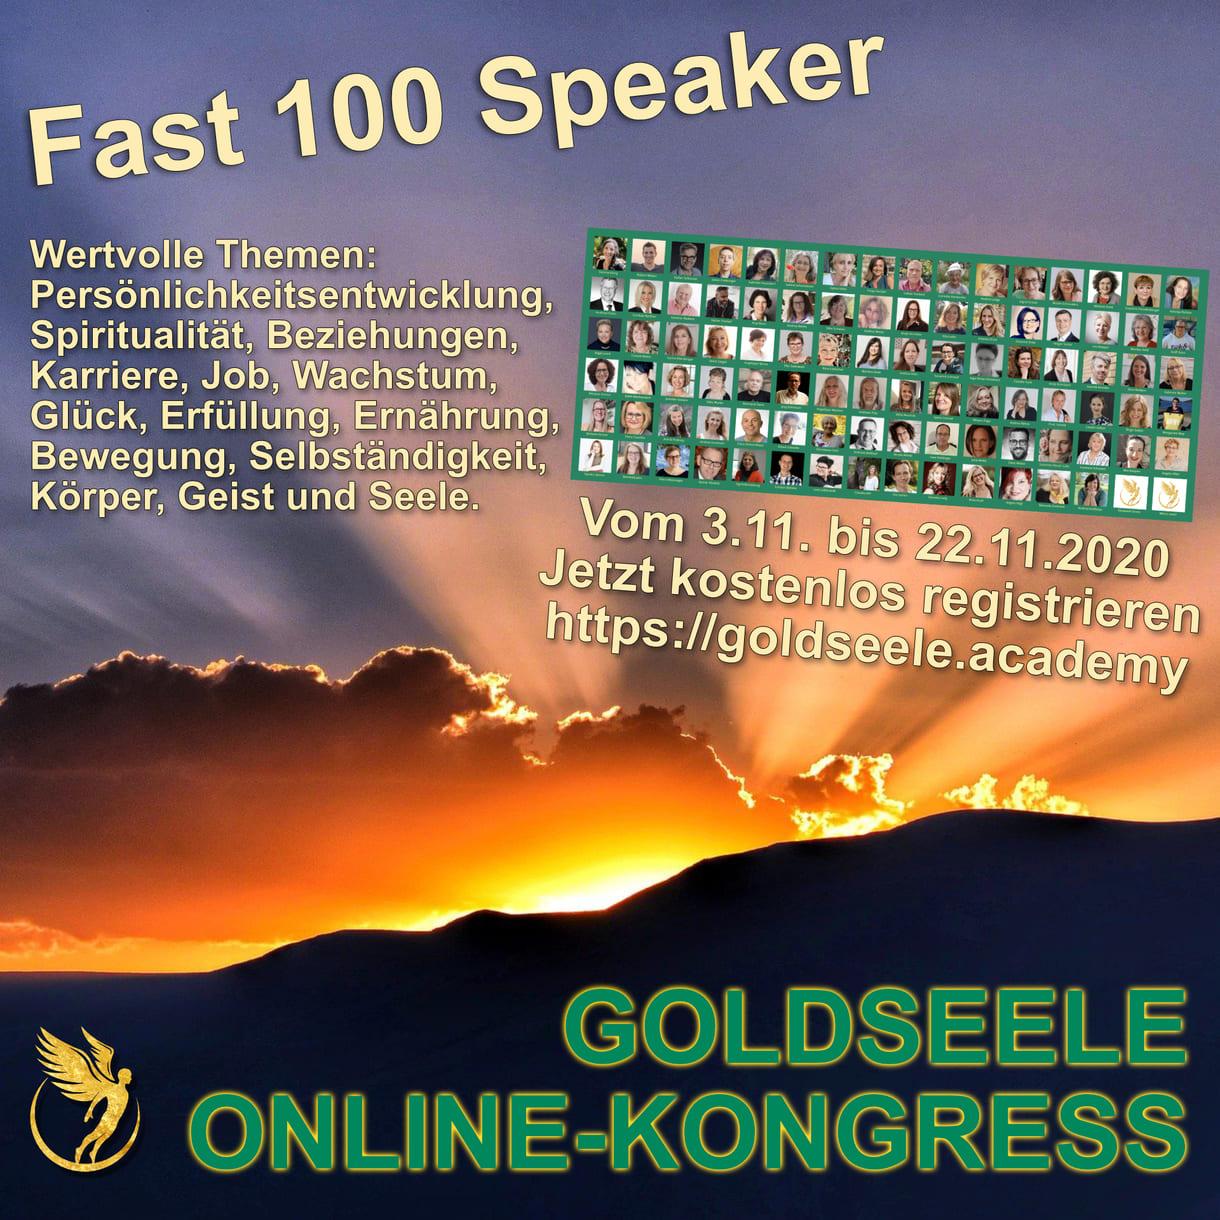 Goldseele Online-Kongress 2020